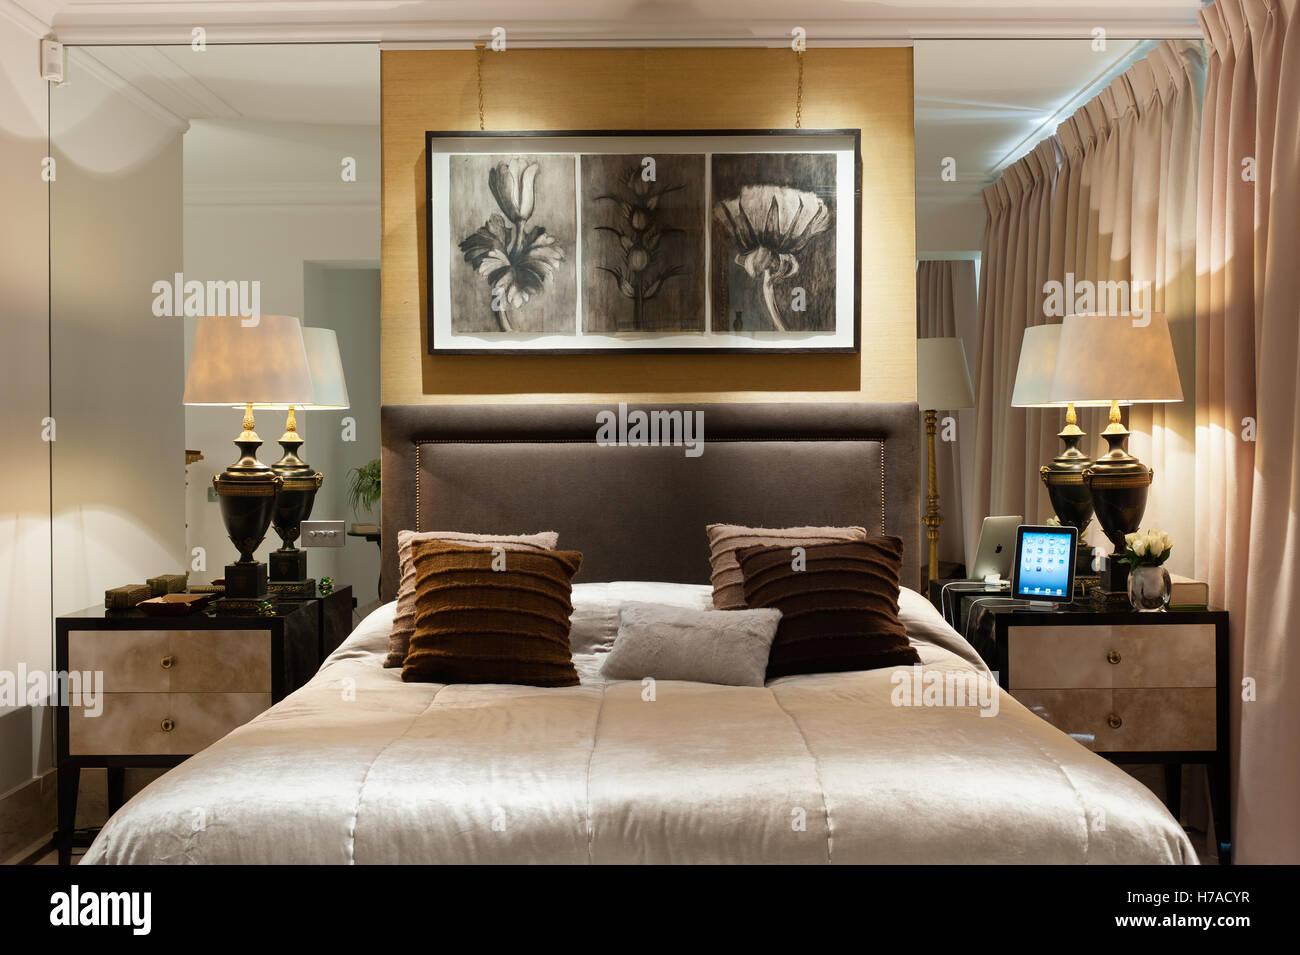 Illustrazioni botaniche al di sopra di un letto matrimoniale con abbinamento di lampade da comodino e incassato Immagini Stock